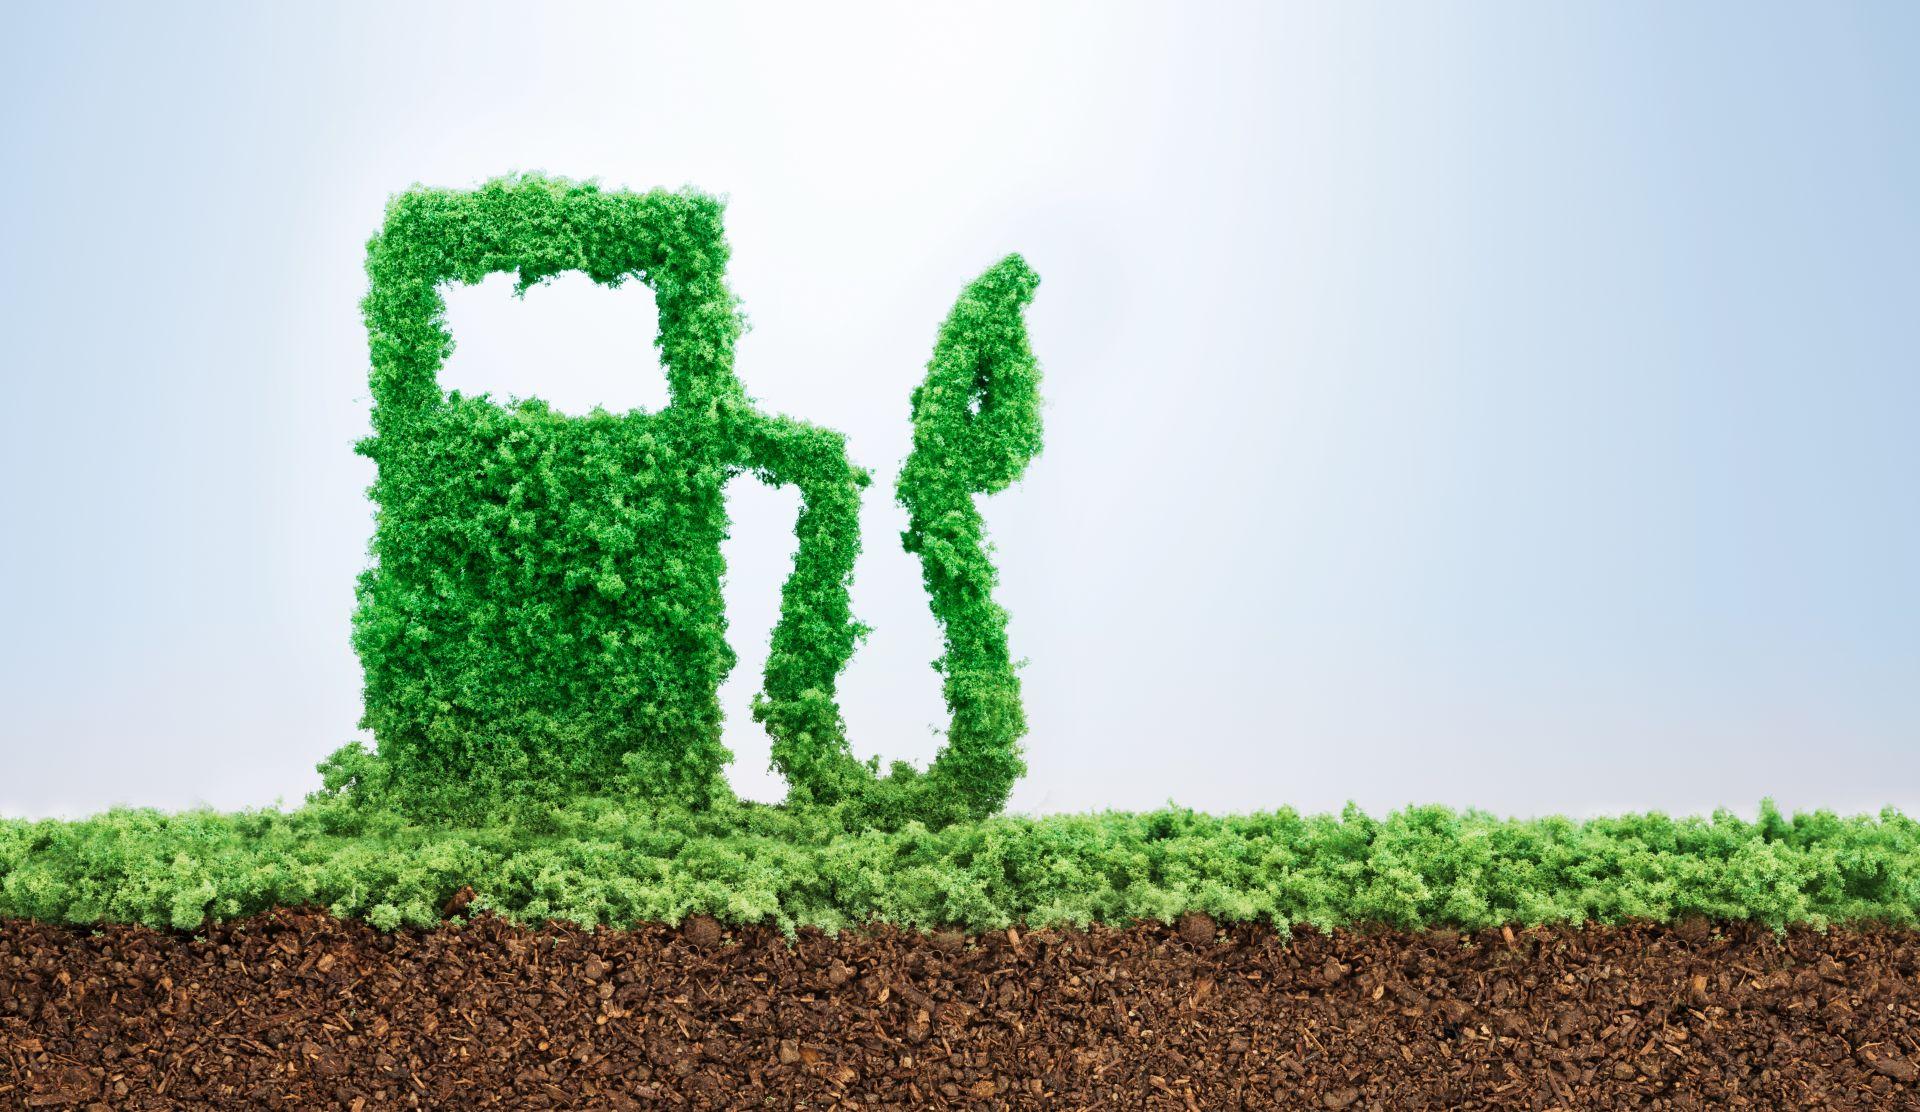 Bundesregierung: Voerst keine Förderung für E-Fuels